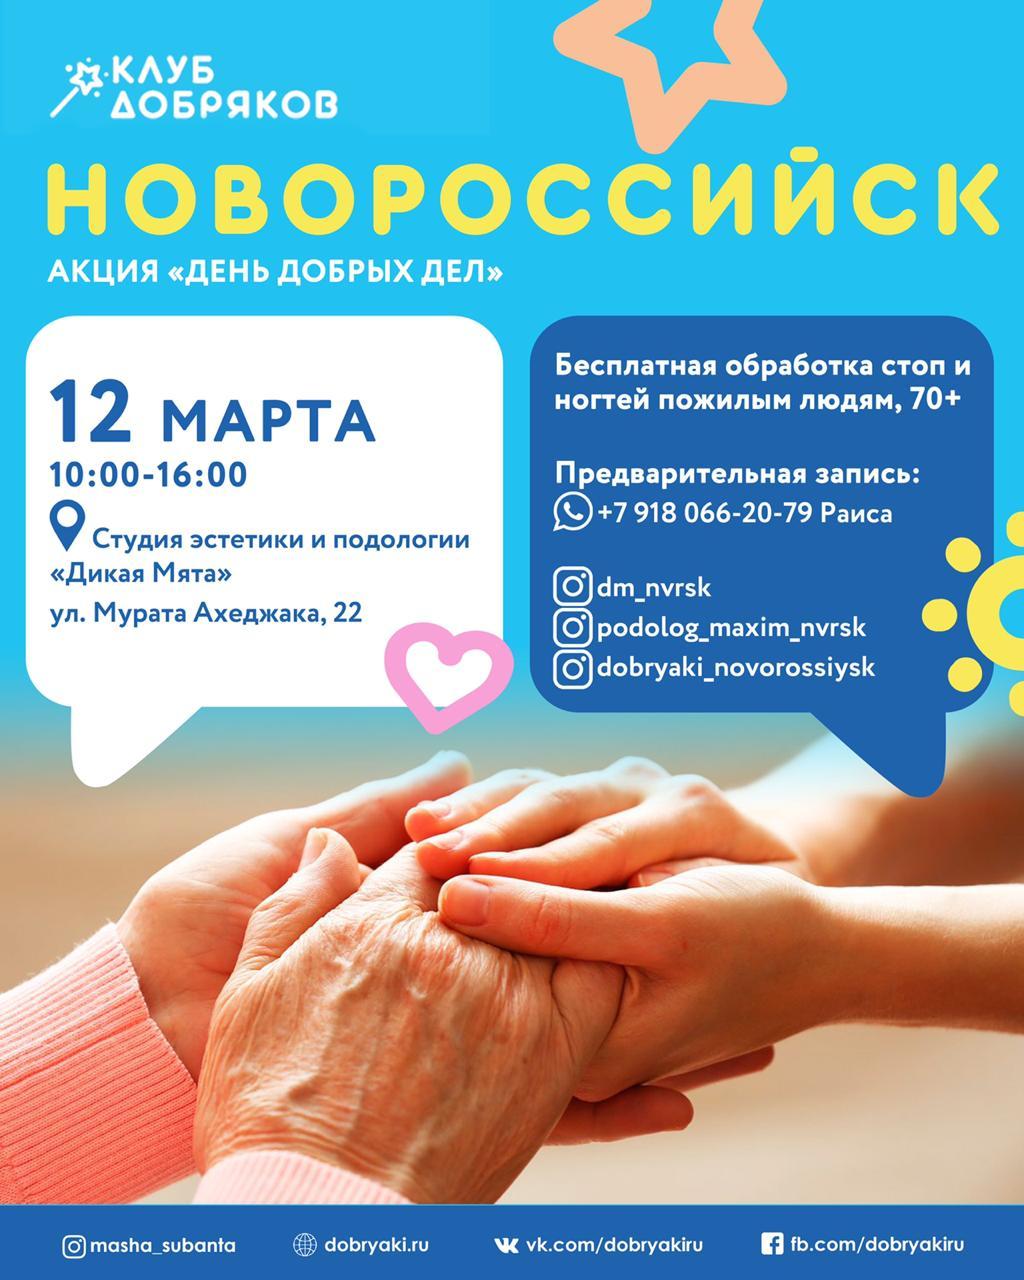 В Новороссийске пройдет акция для пожилых людей «День добрых дел»